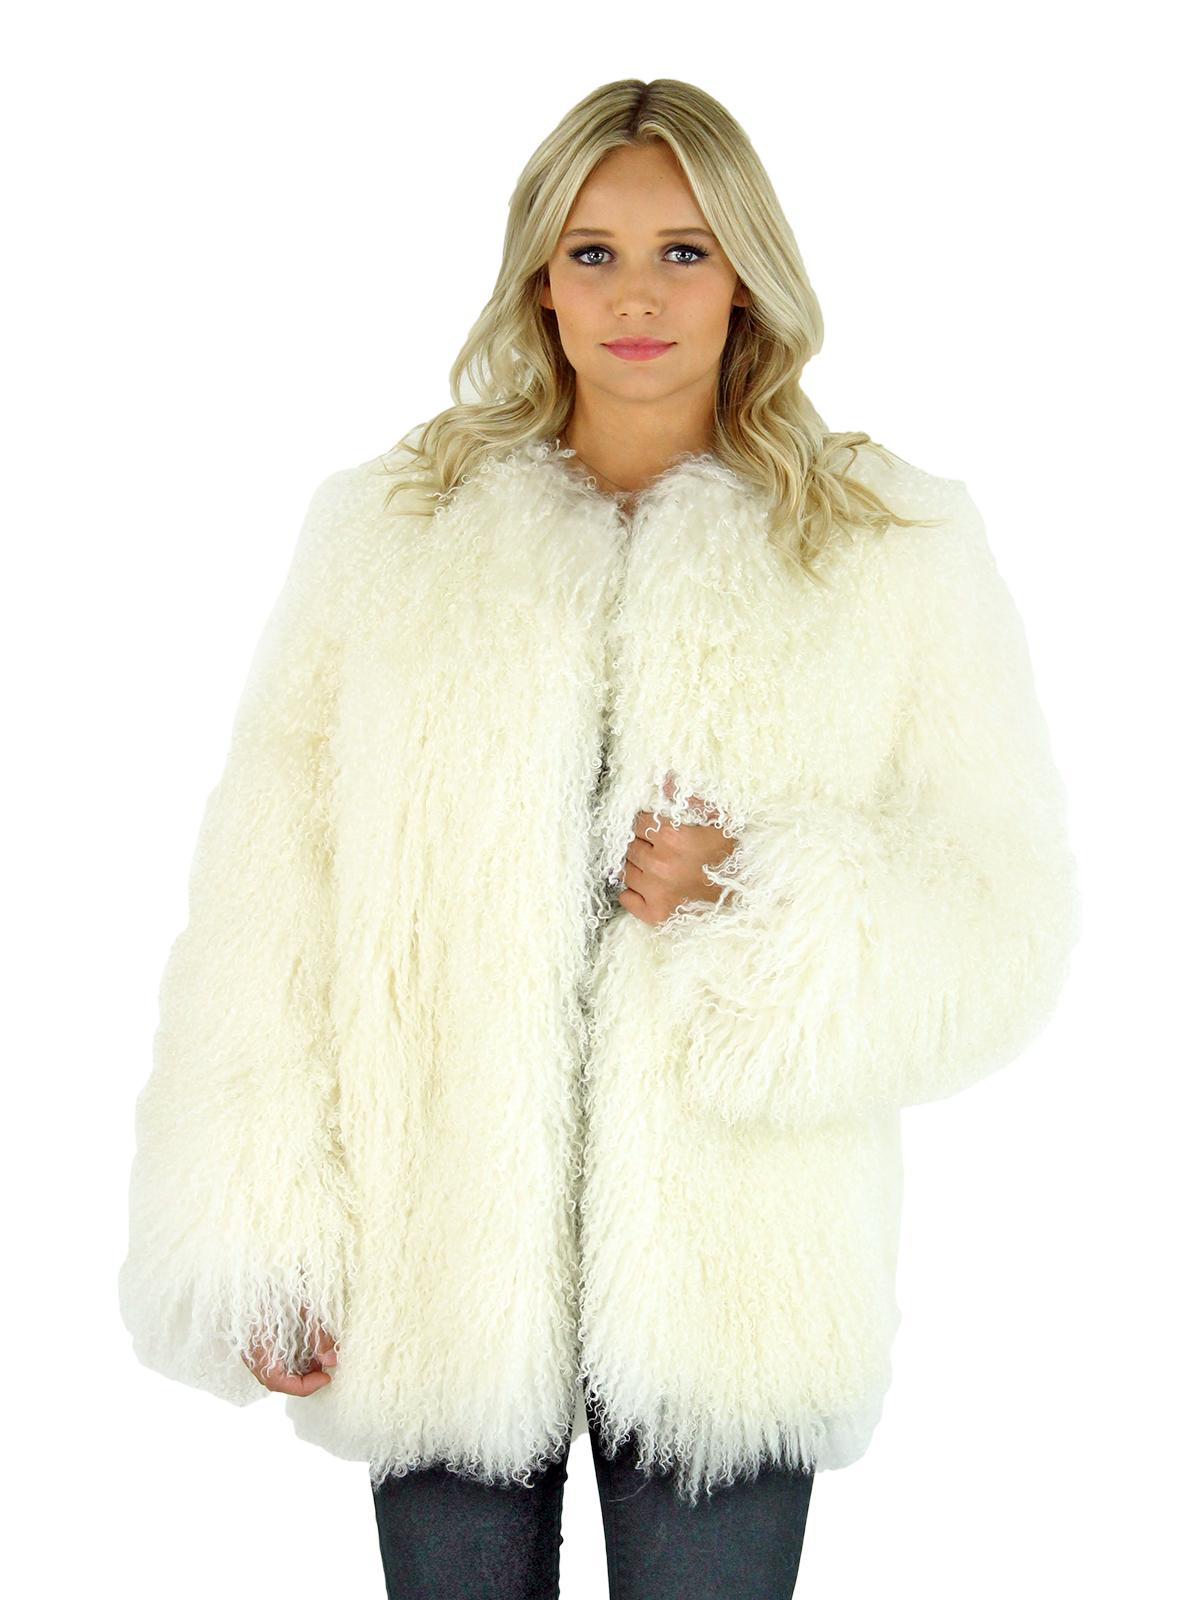 White Tibetan Lamb Fur Jacket Women S Fur Jacket